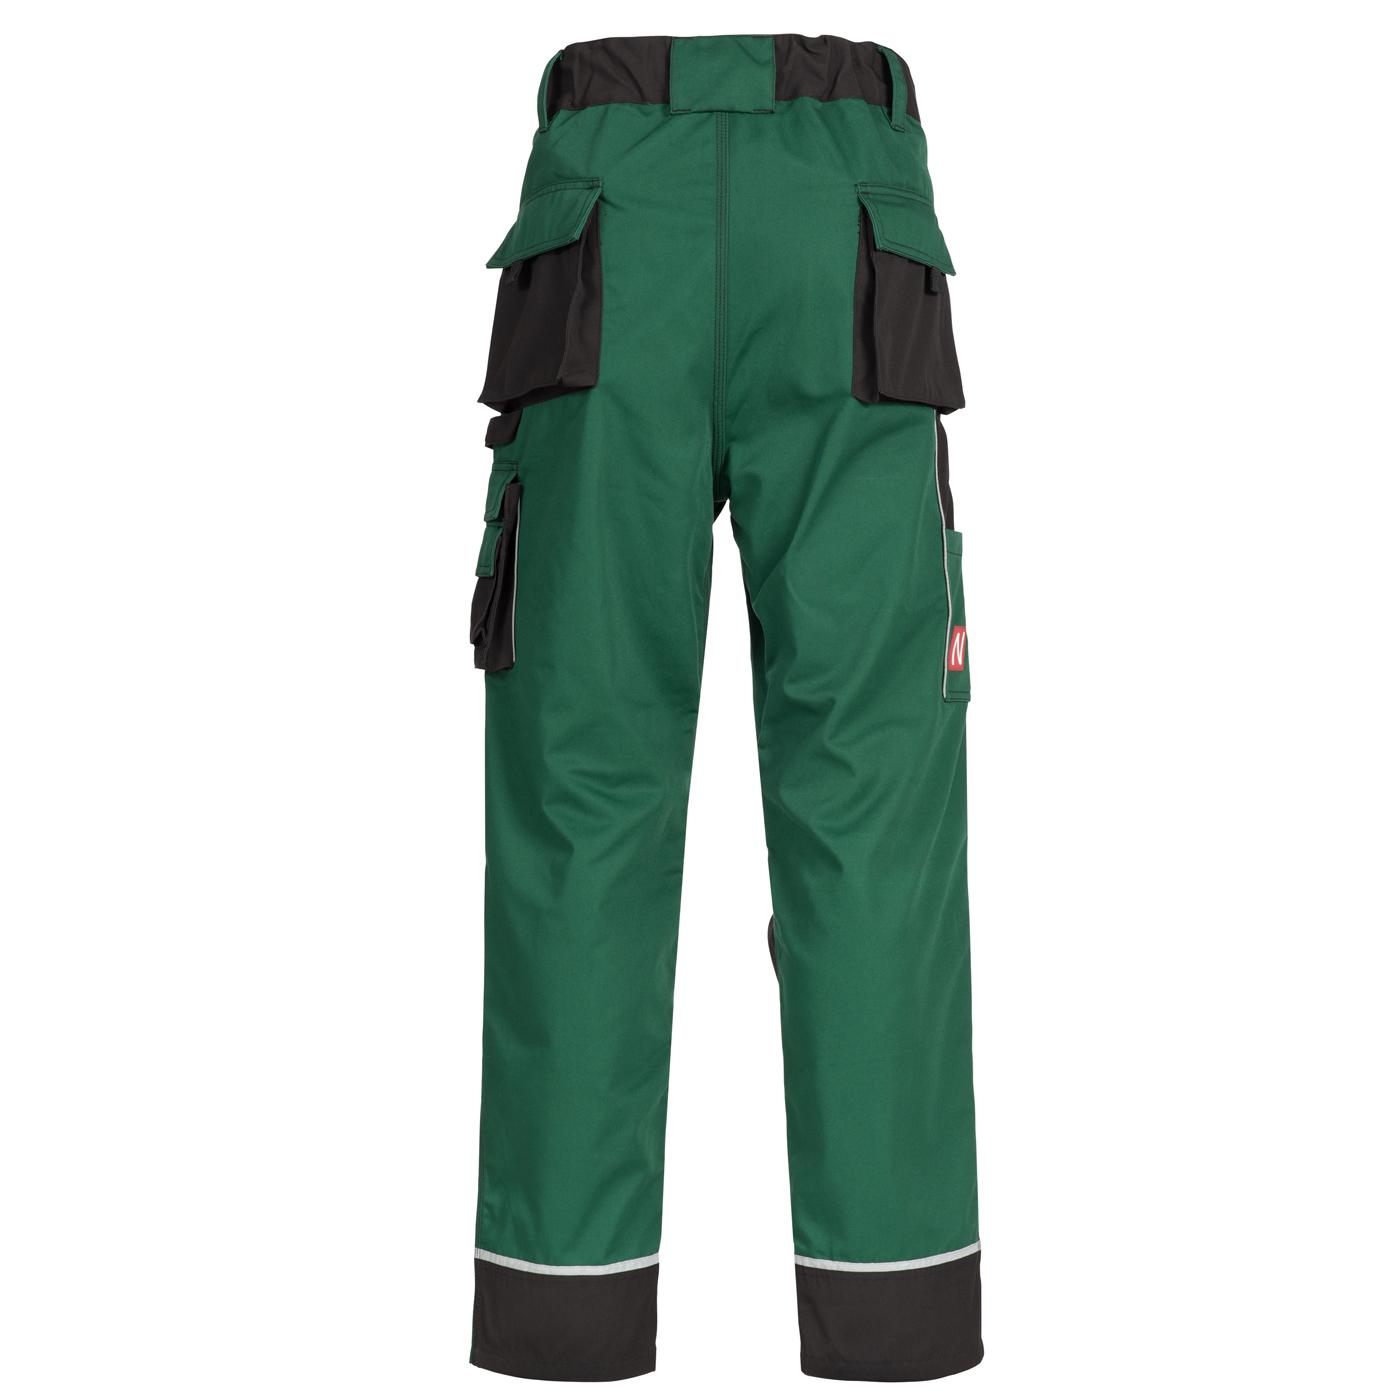 Spodnie robocze Nitras 7614